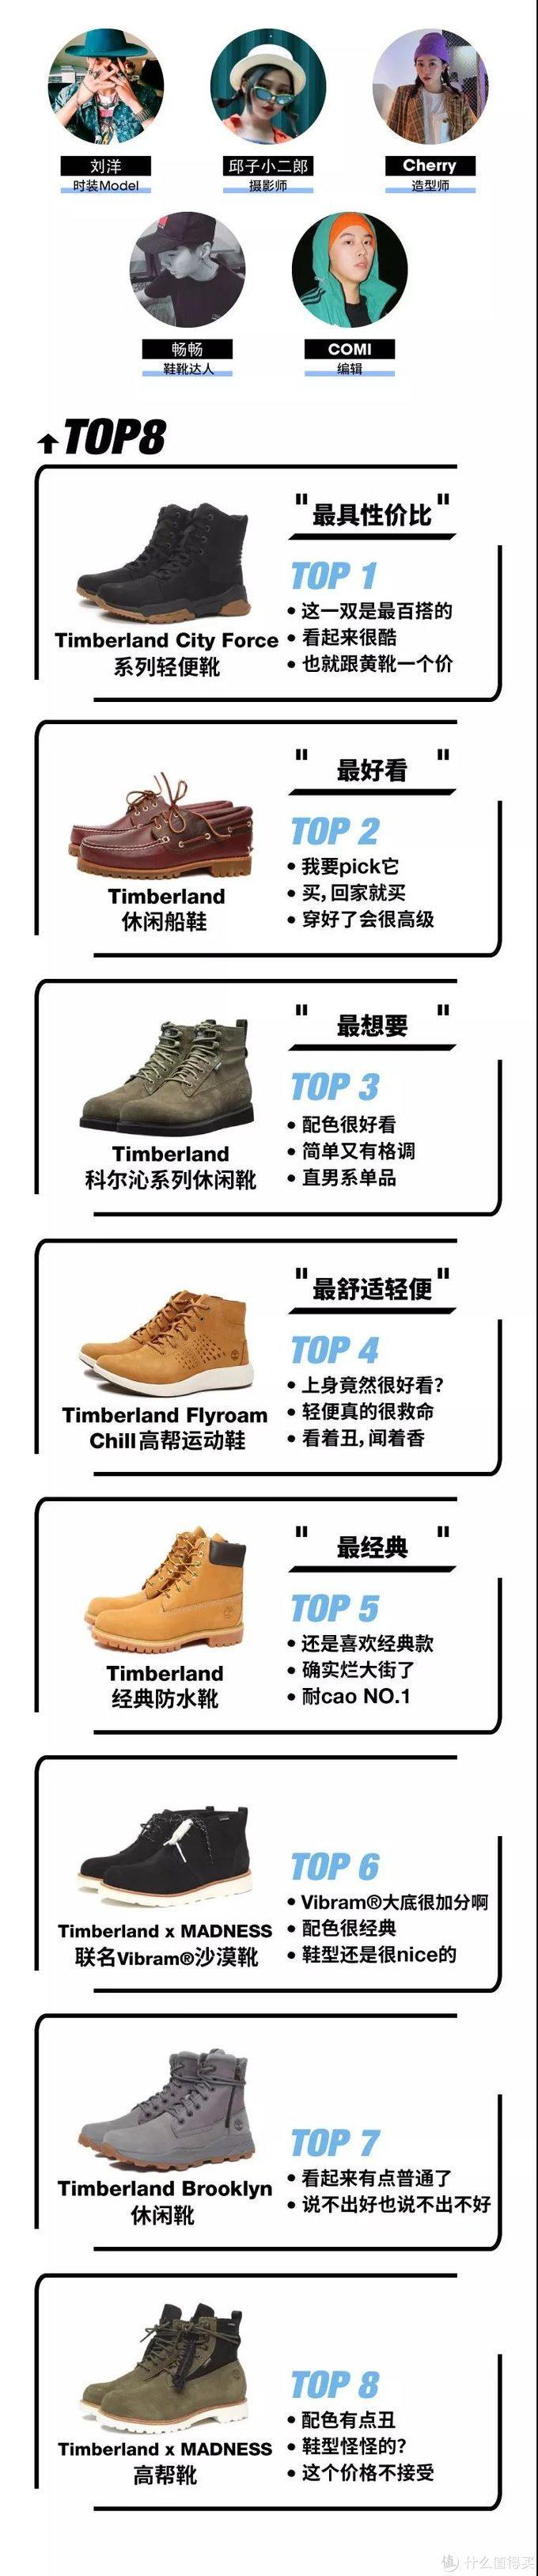 测评 | 大黄靴成灾?Timberland还有这些超强鞋靴!